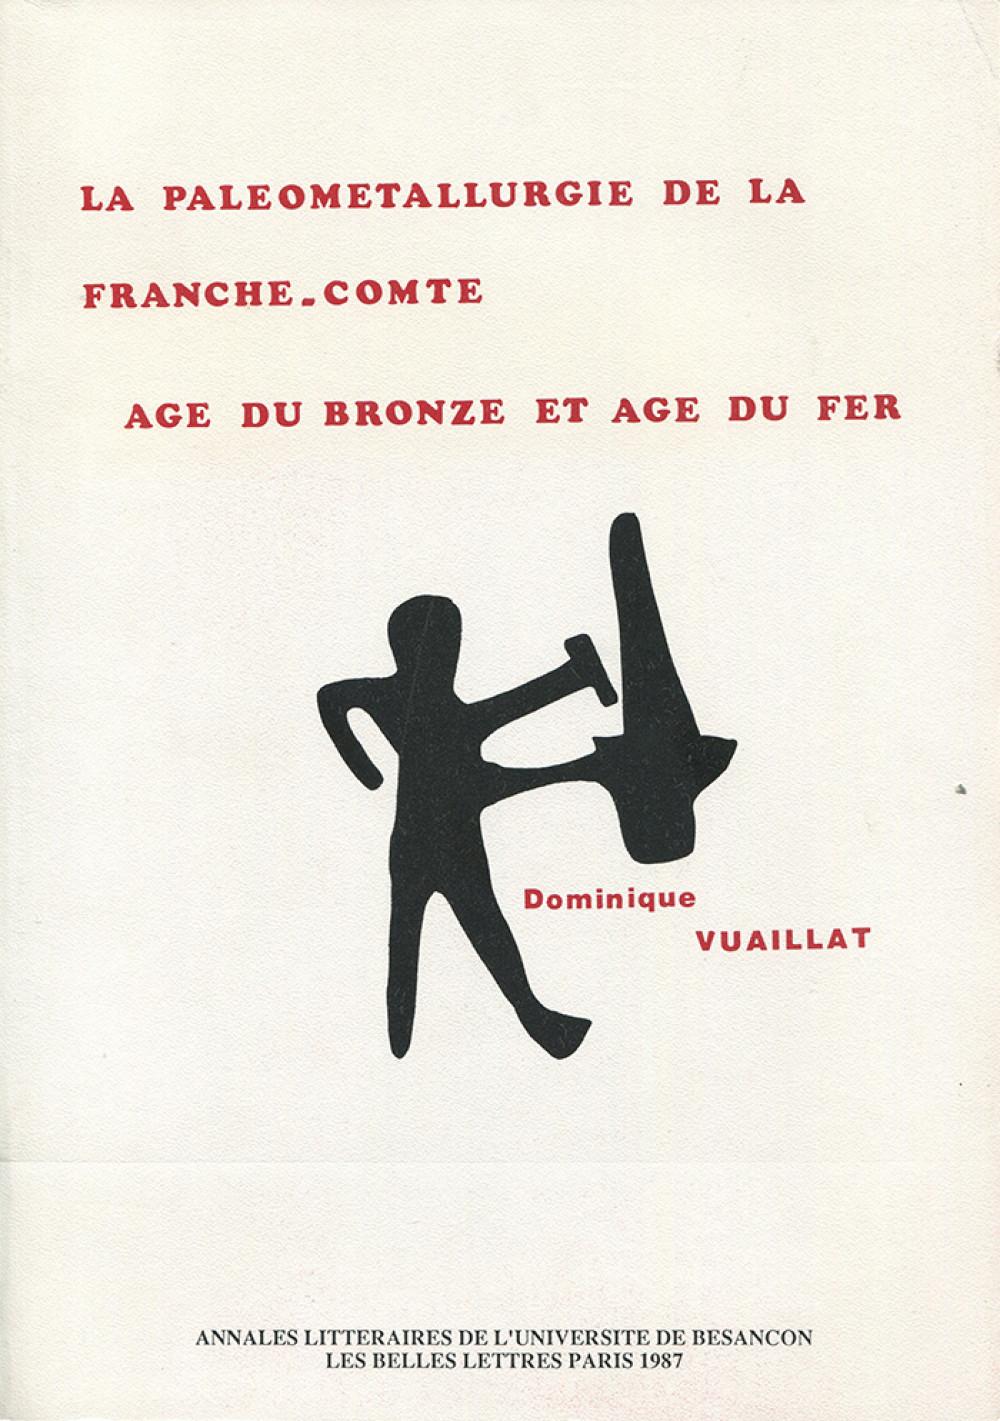 La paléométallurgie de la Franche-Comté : Âge du Bronze et Âge du Fer